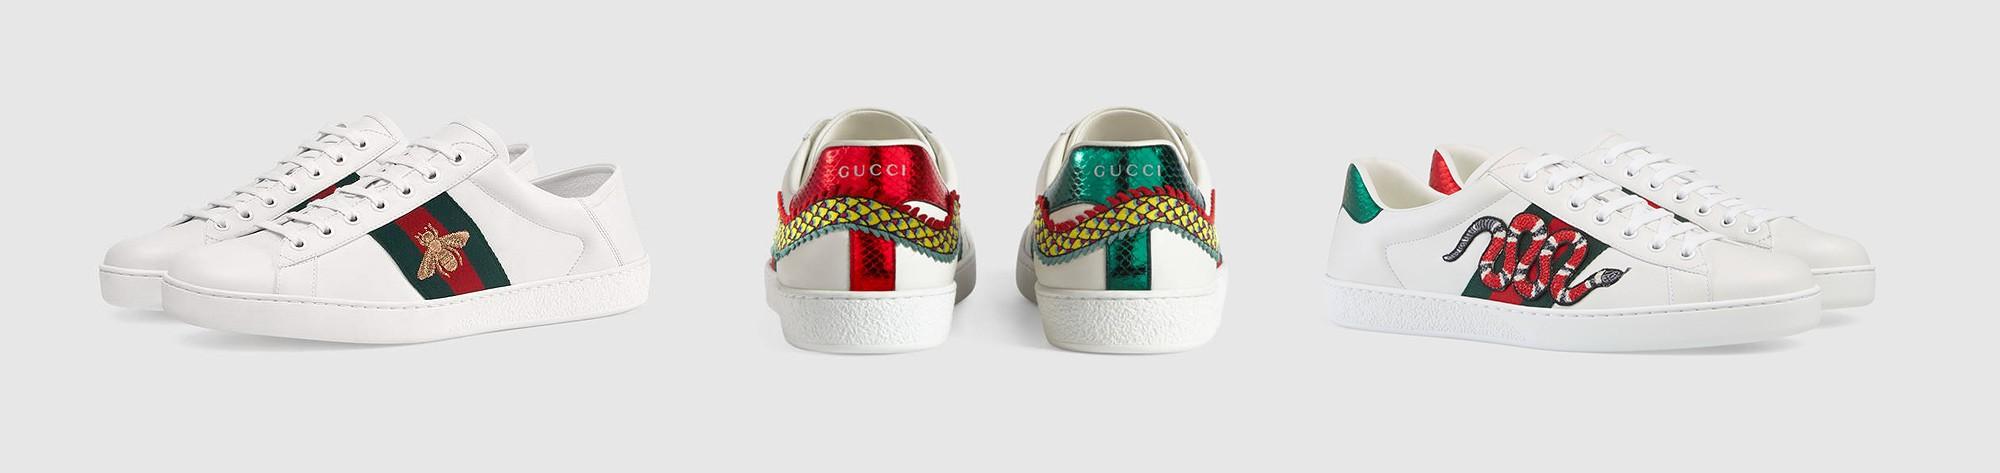 Gucci Gang: cụm từ hot hay câu chuyện về cách một thương hiệu khổng lồ hồi sinh và thay đổi cả thế giới - Ảnh 9.